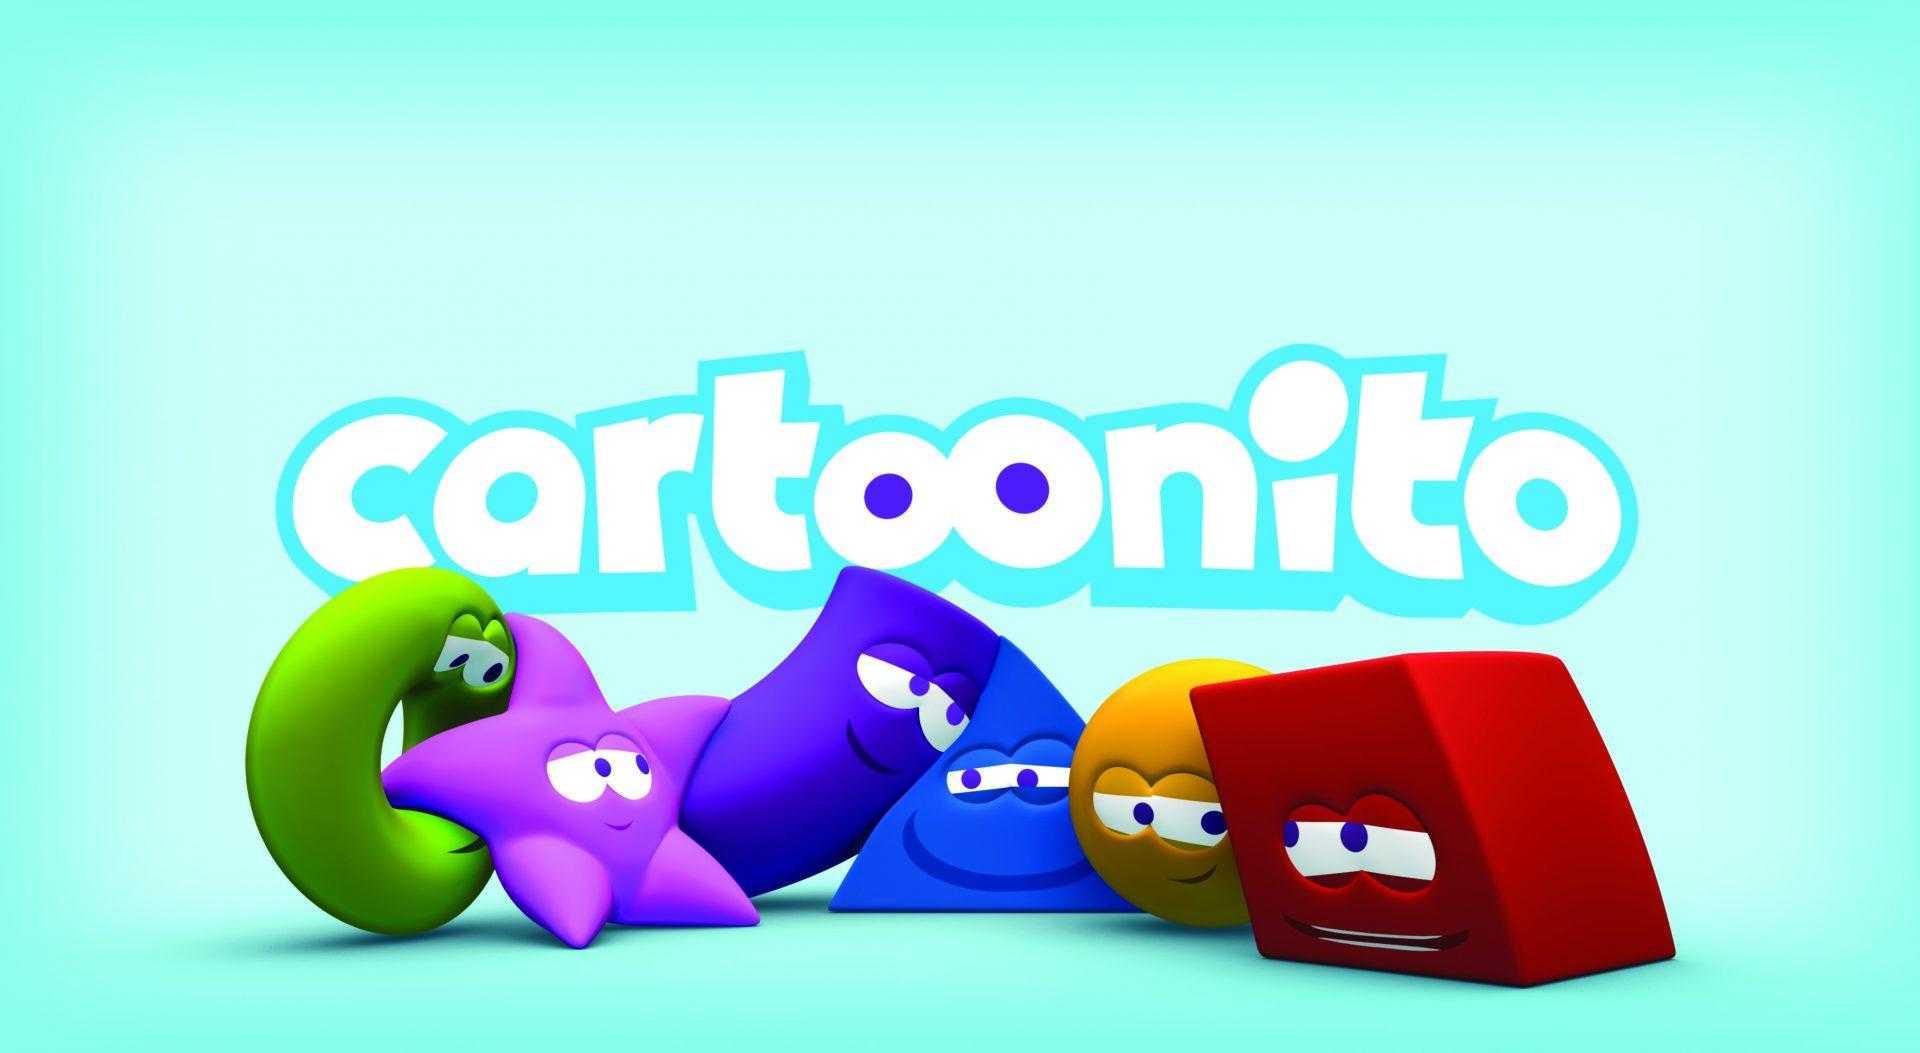 Auditel: Cartoonito è già il canale prescolare preferito dai bambini Italiani | Digitale terrestre: Dtti.it